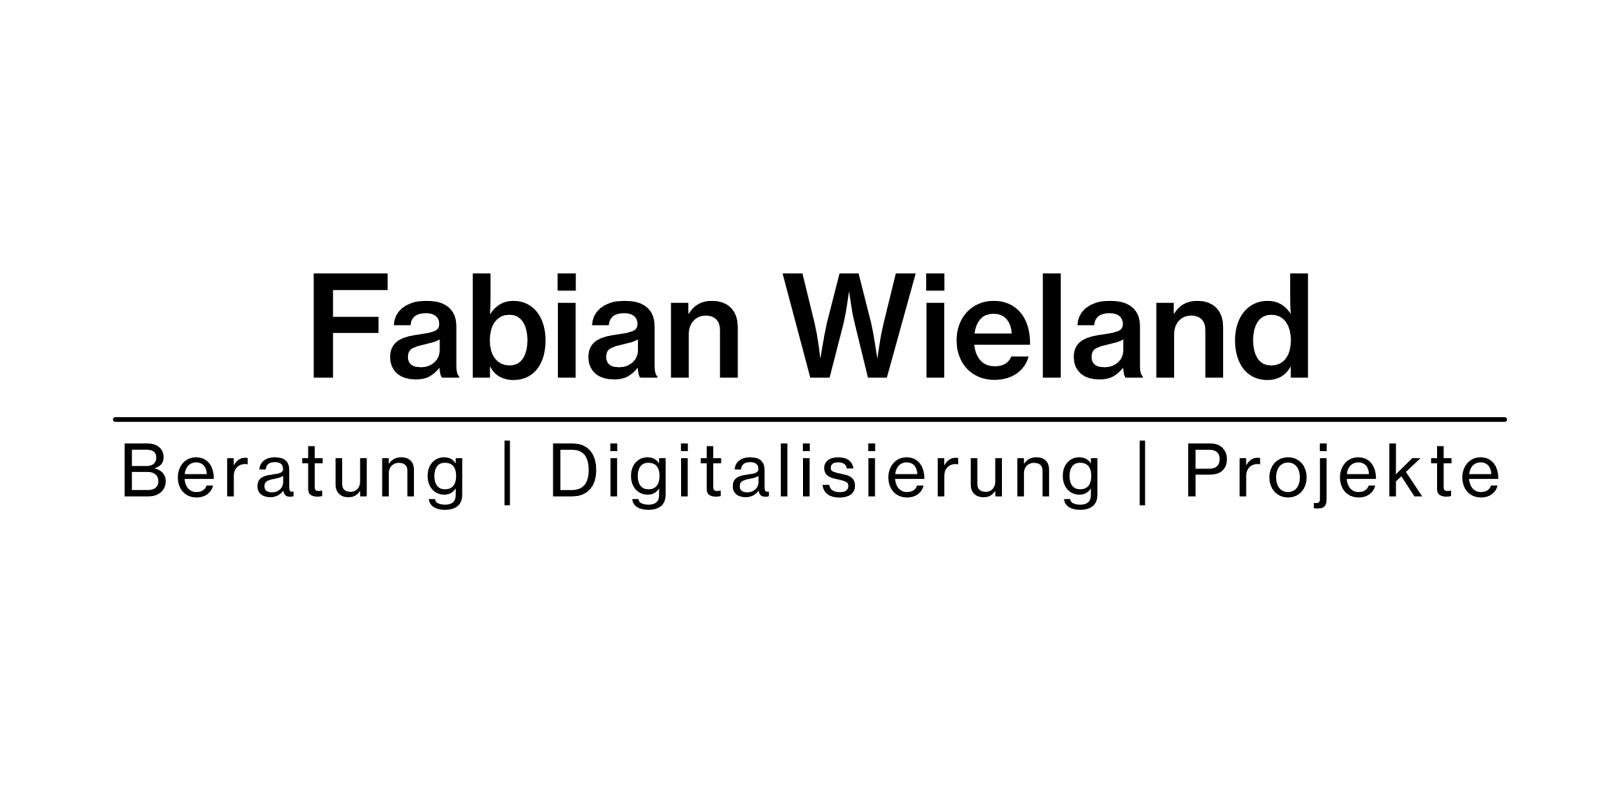 fabian-wieland_1600